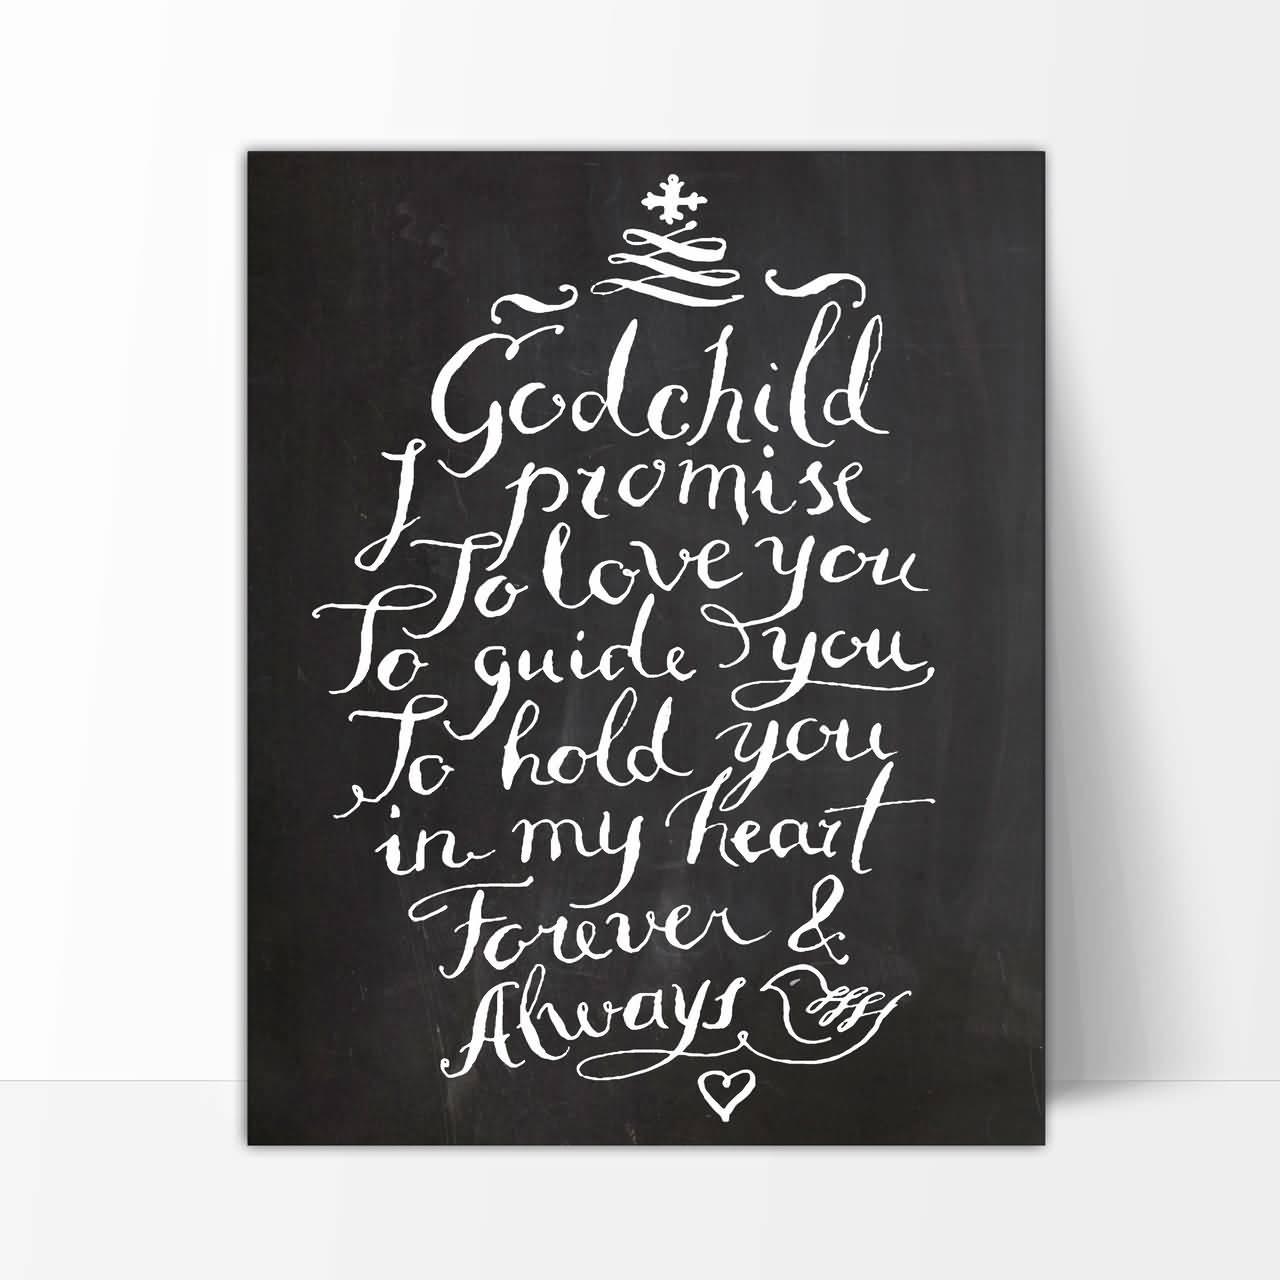 Forever & always lovely message for Godchild birthday